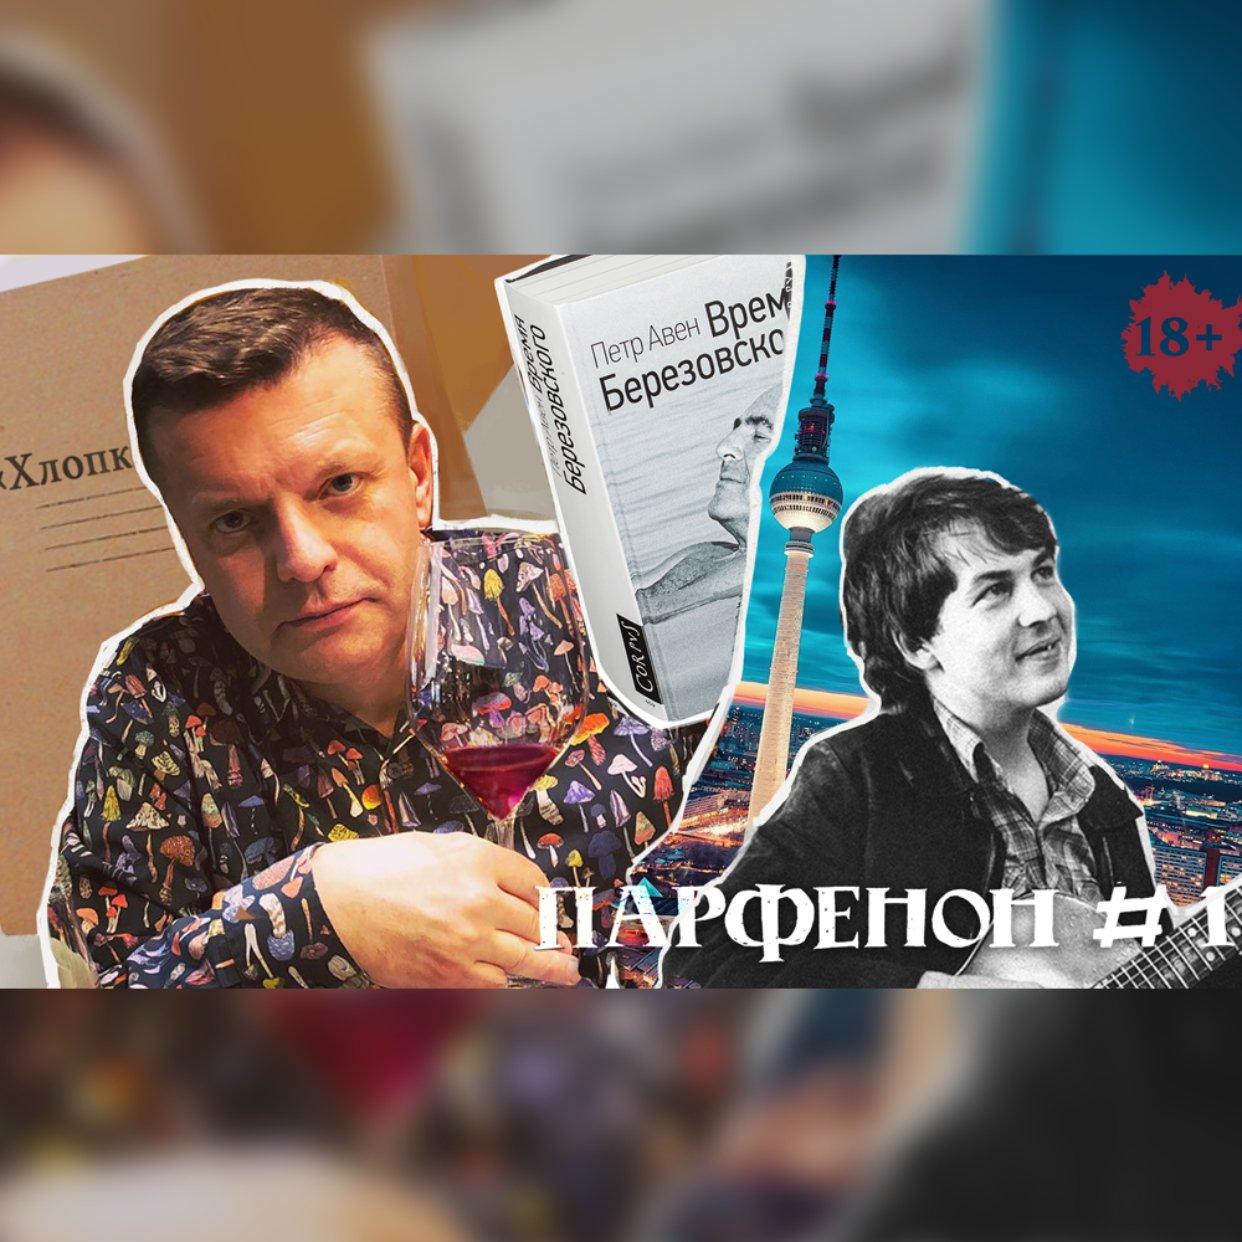 Парфенон #1: Леонид Парфенов о дагестанском деле, Берлине, Башлачеве и Березовском